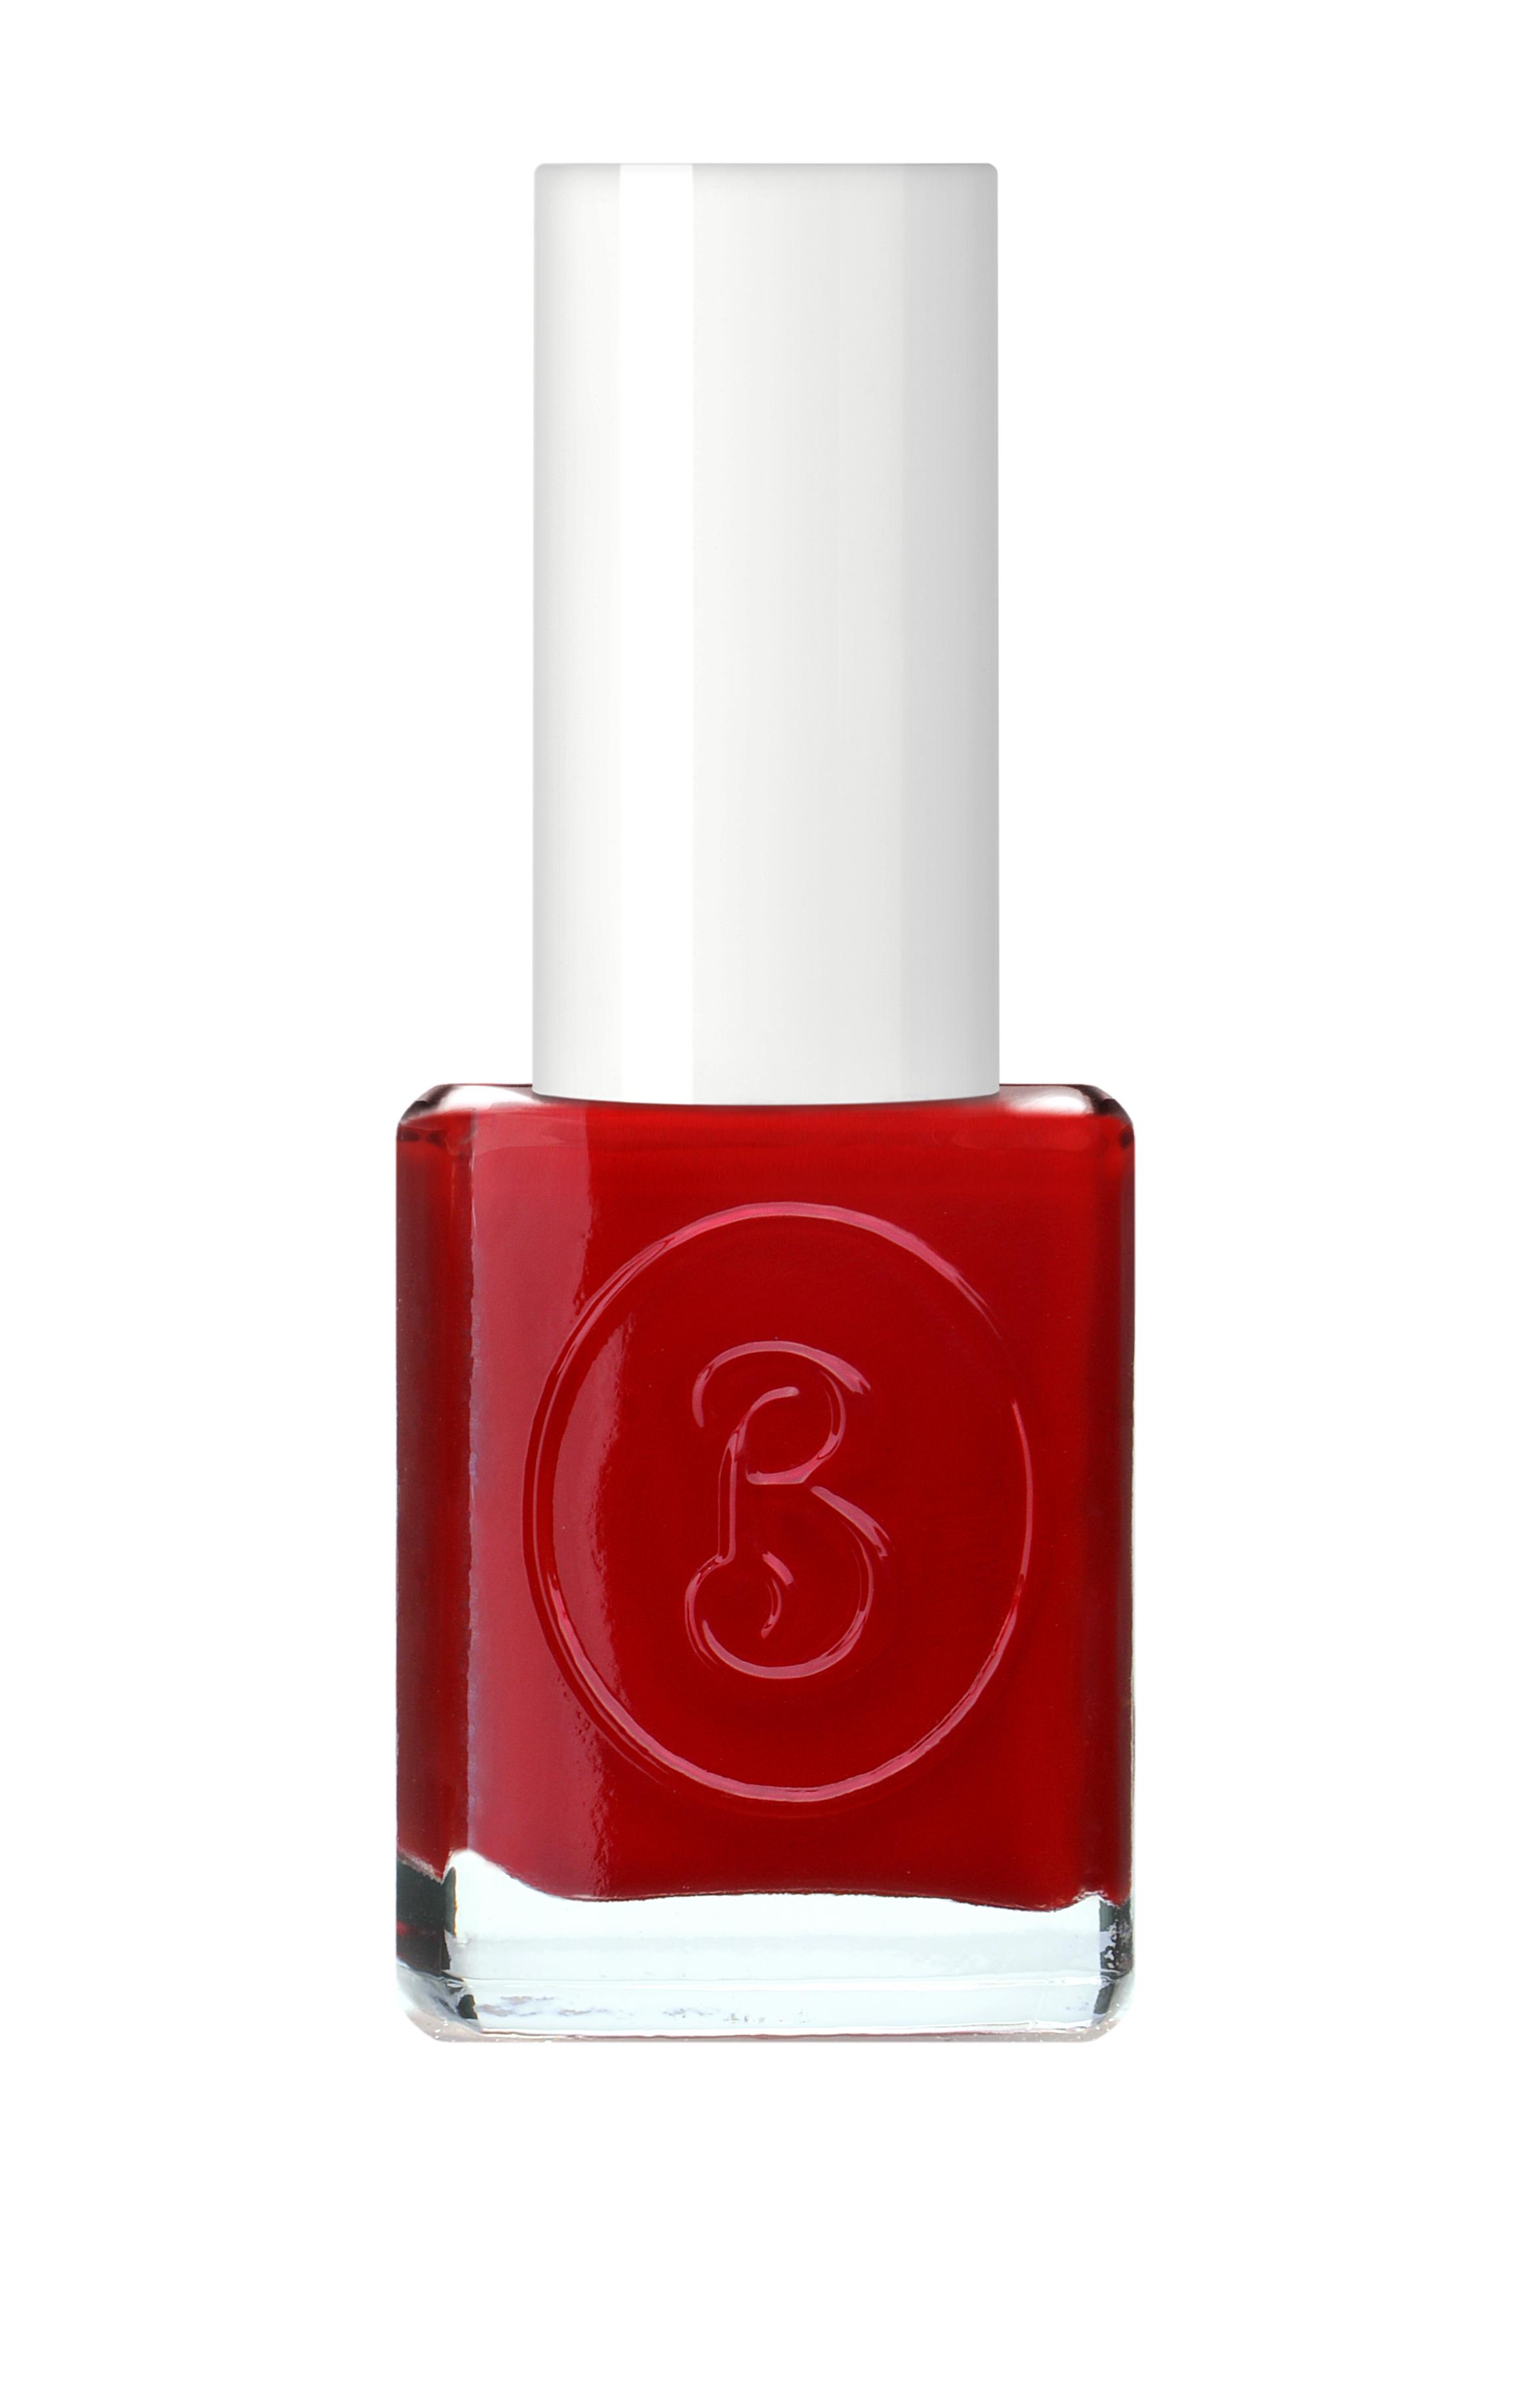 BERENICE 11 лак для ногтей, кораллово-красный / Coral red 16 мл berenice 13 лак для ногтей оранжево красный orange red 16 мл